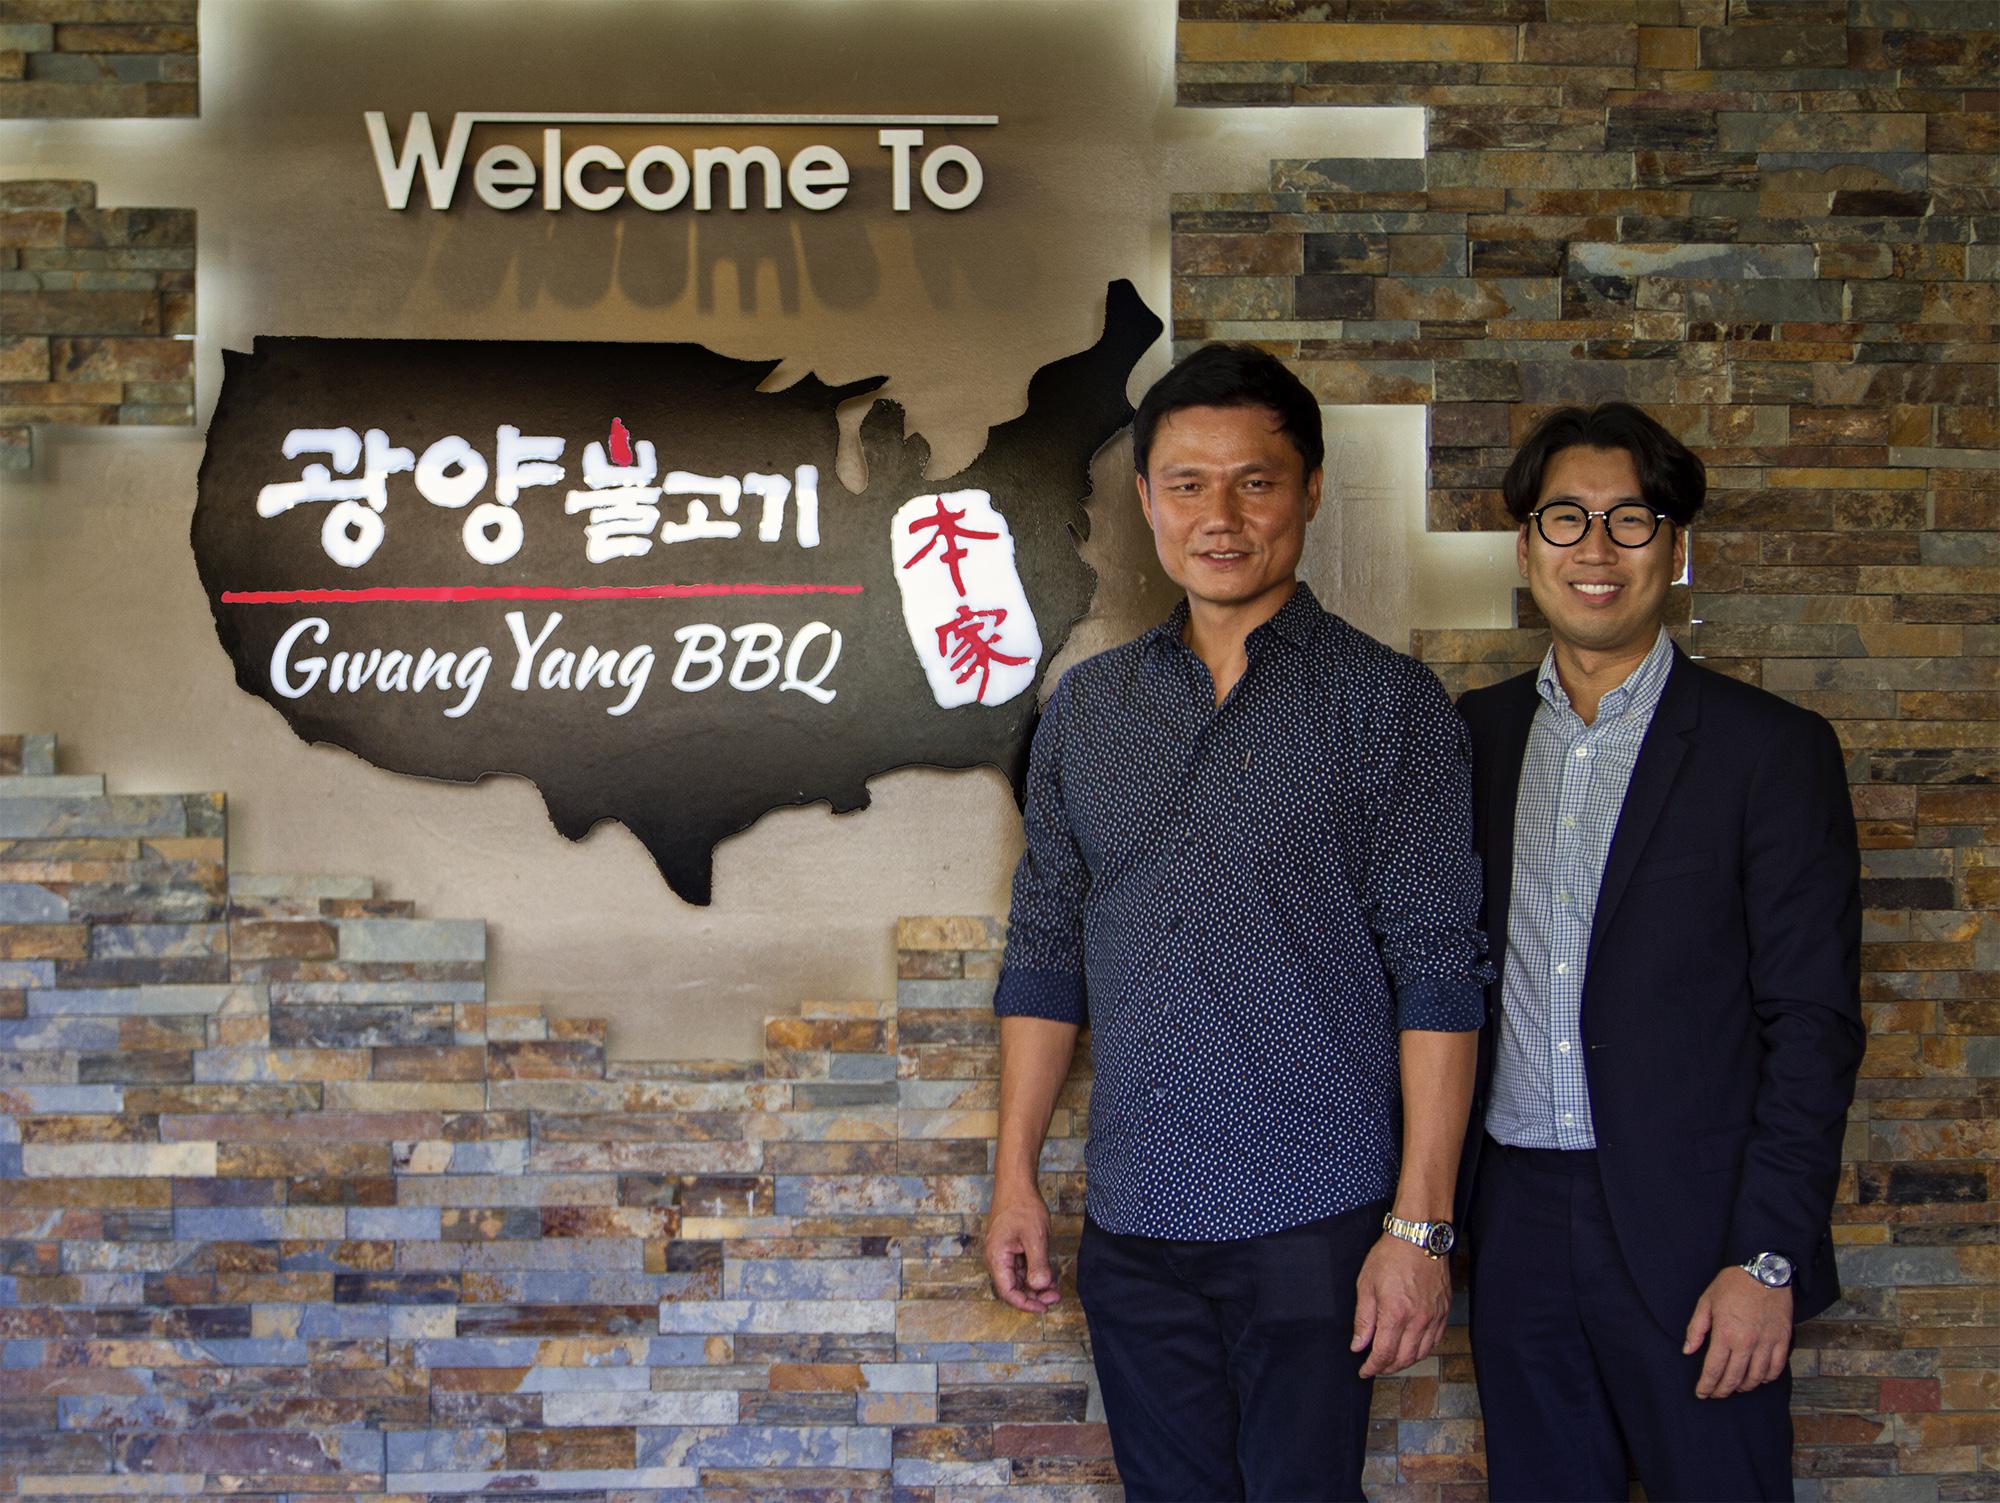 Gwang Yang - Chol Hong An & Isaac Kim